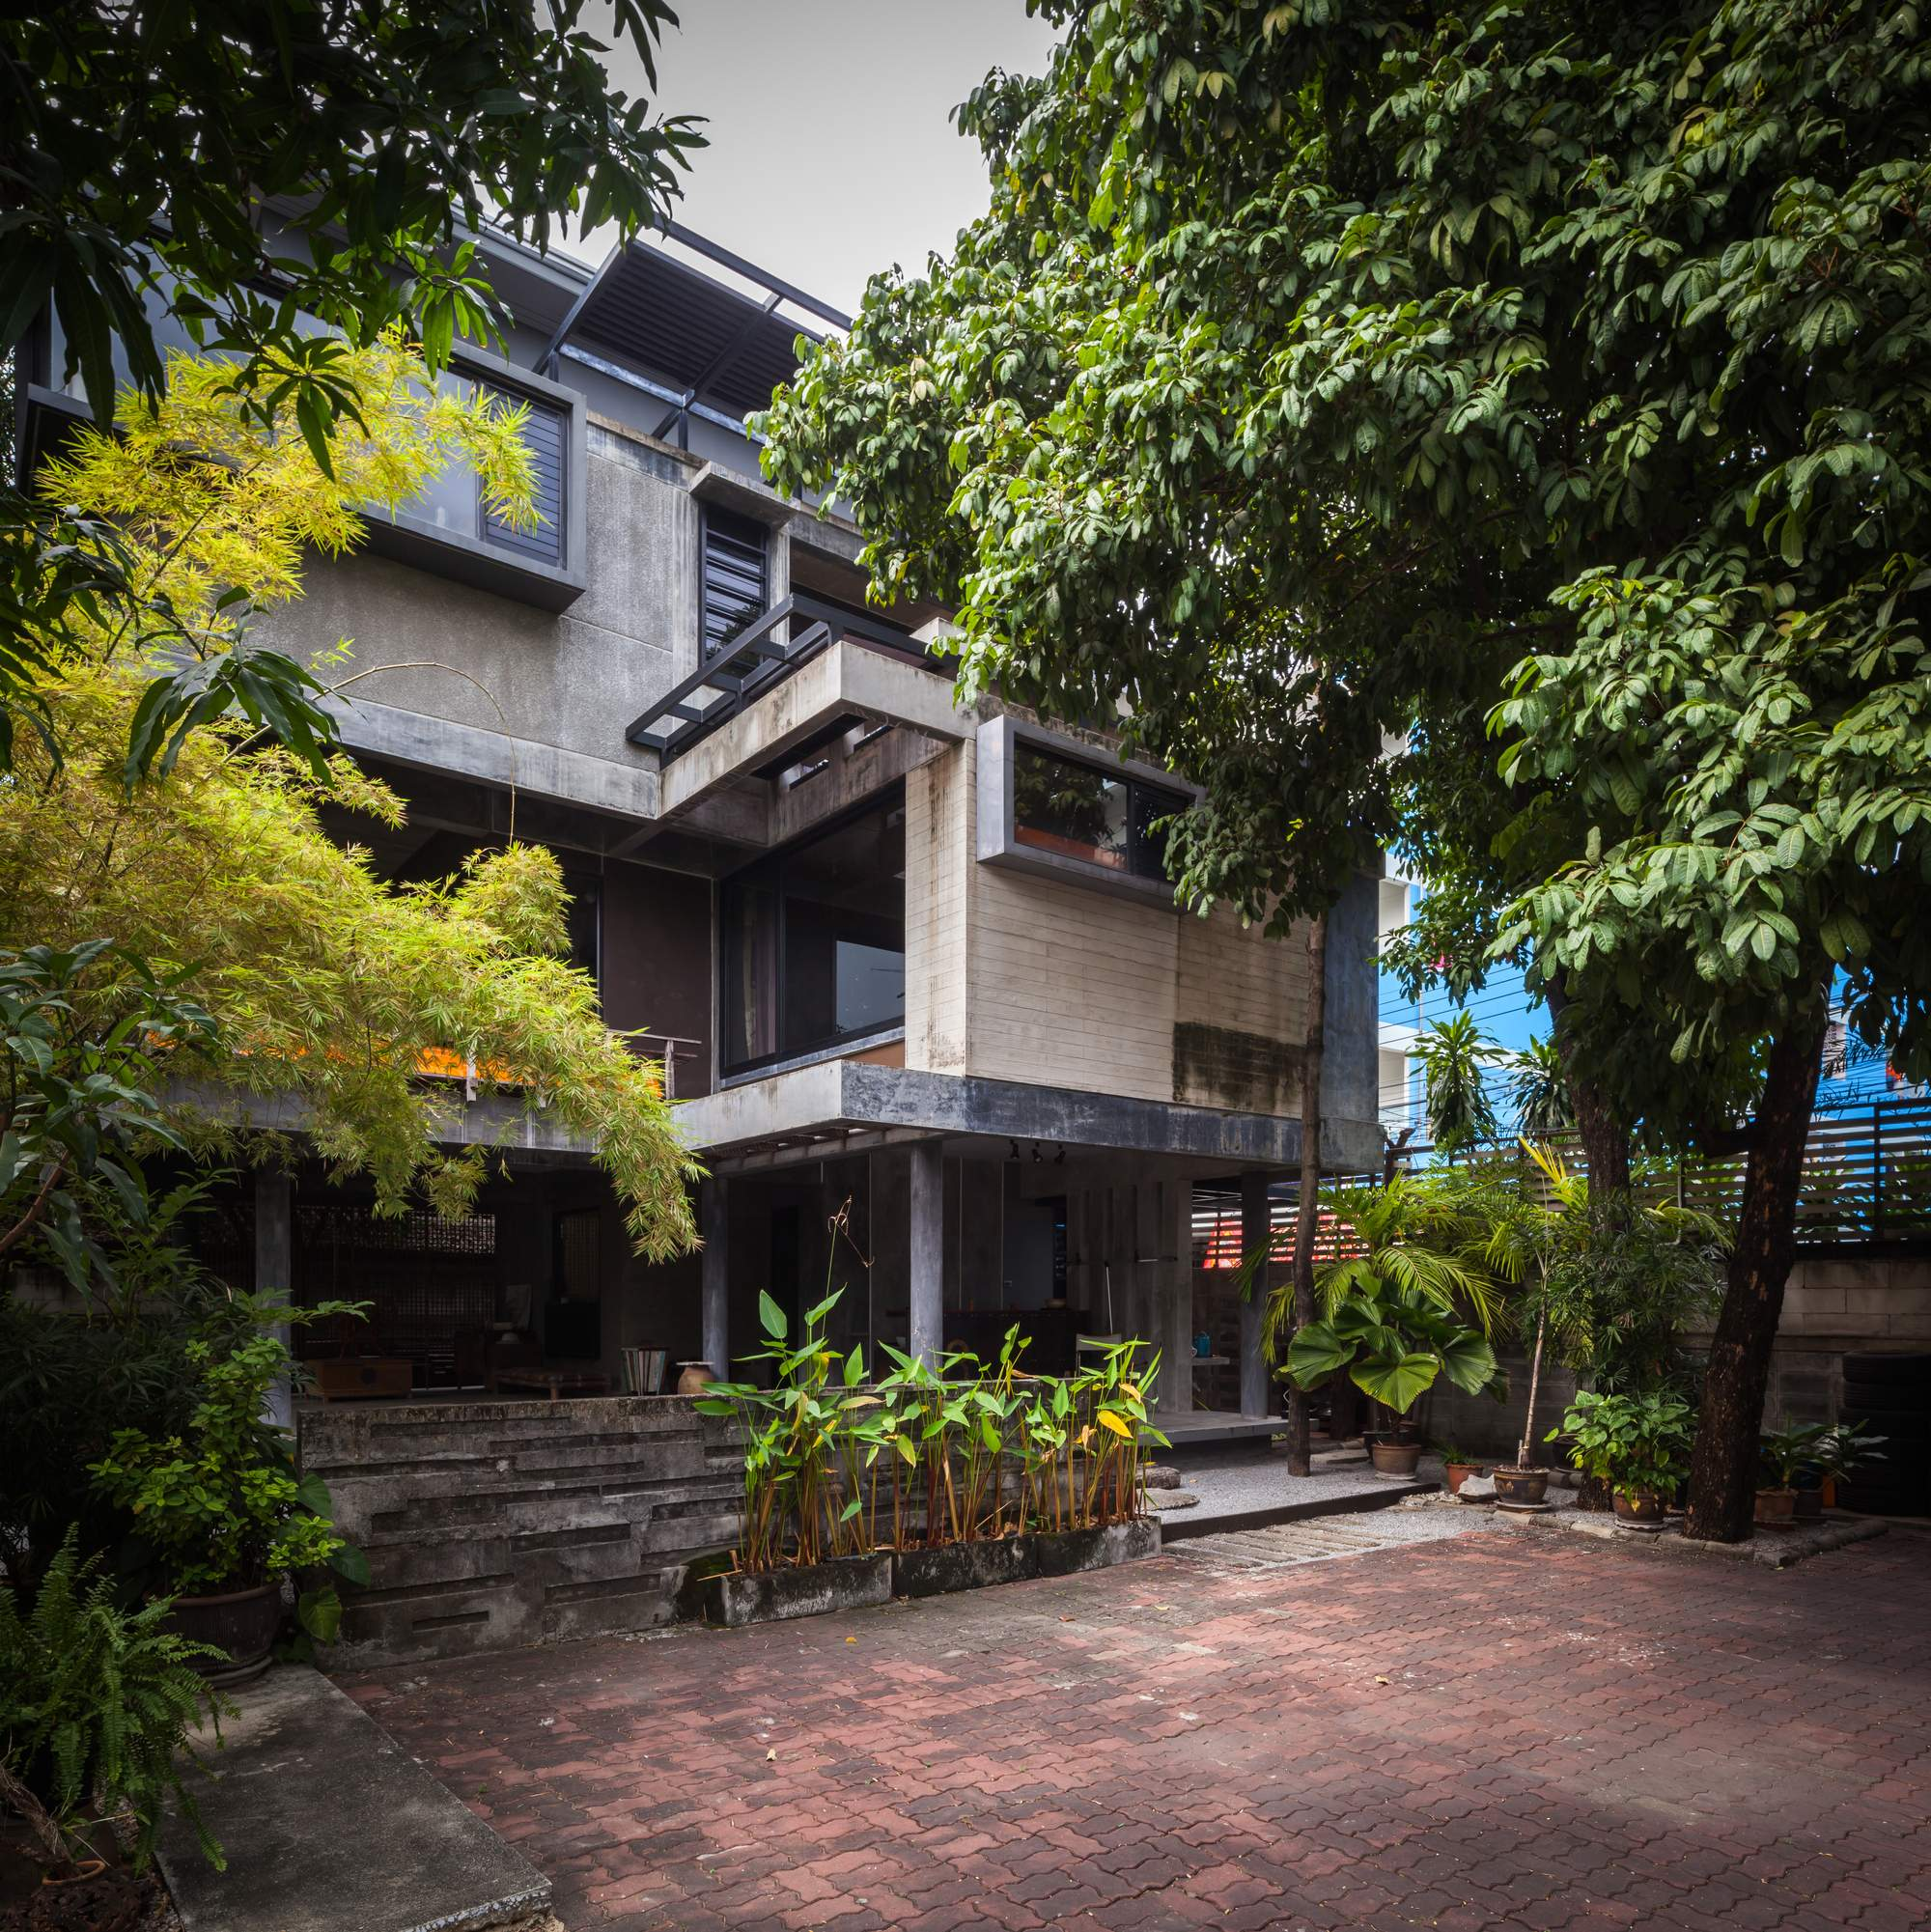 Большой трехэтажный дом в стиле лофт в Бангкоке, Таиланд